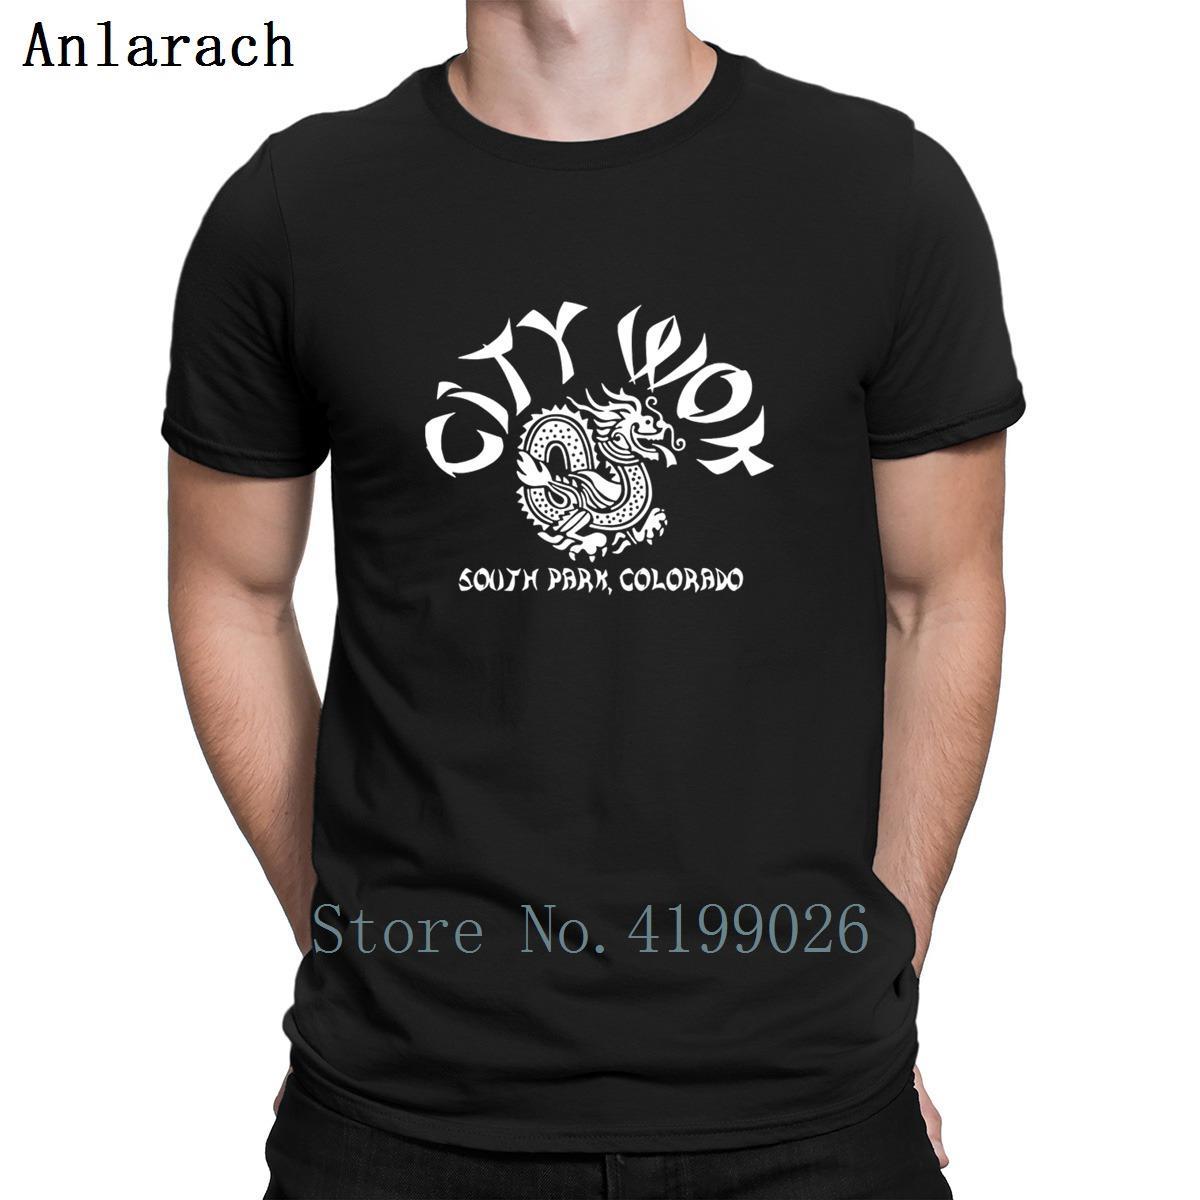 Şehir Wok Güney Colorado Parkı Tişörtleri Ince Oluşturmak Giyim Mektuplar erkek Tshirt Yaz Tarzı O-Boyun Son Anlarach Hip Hop